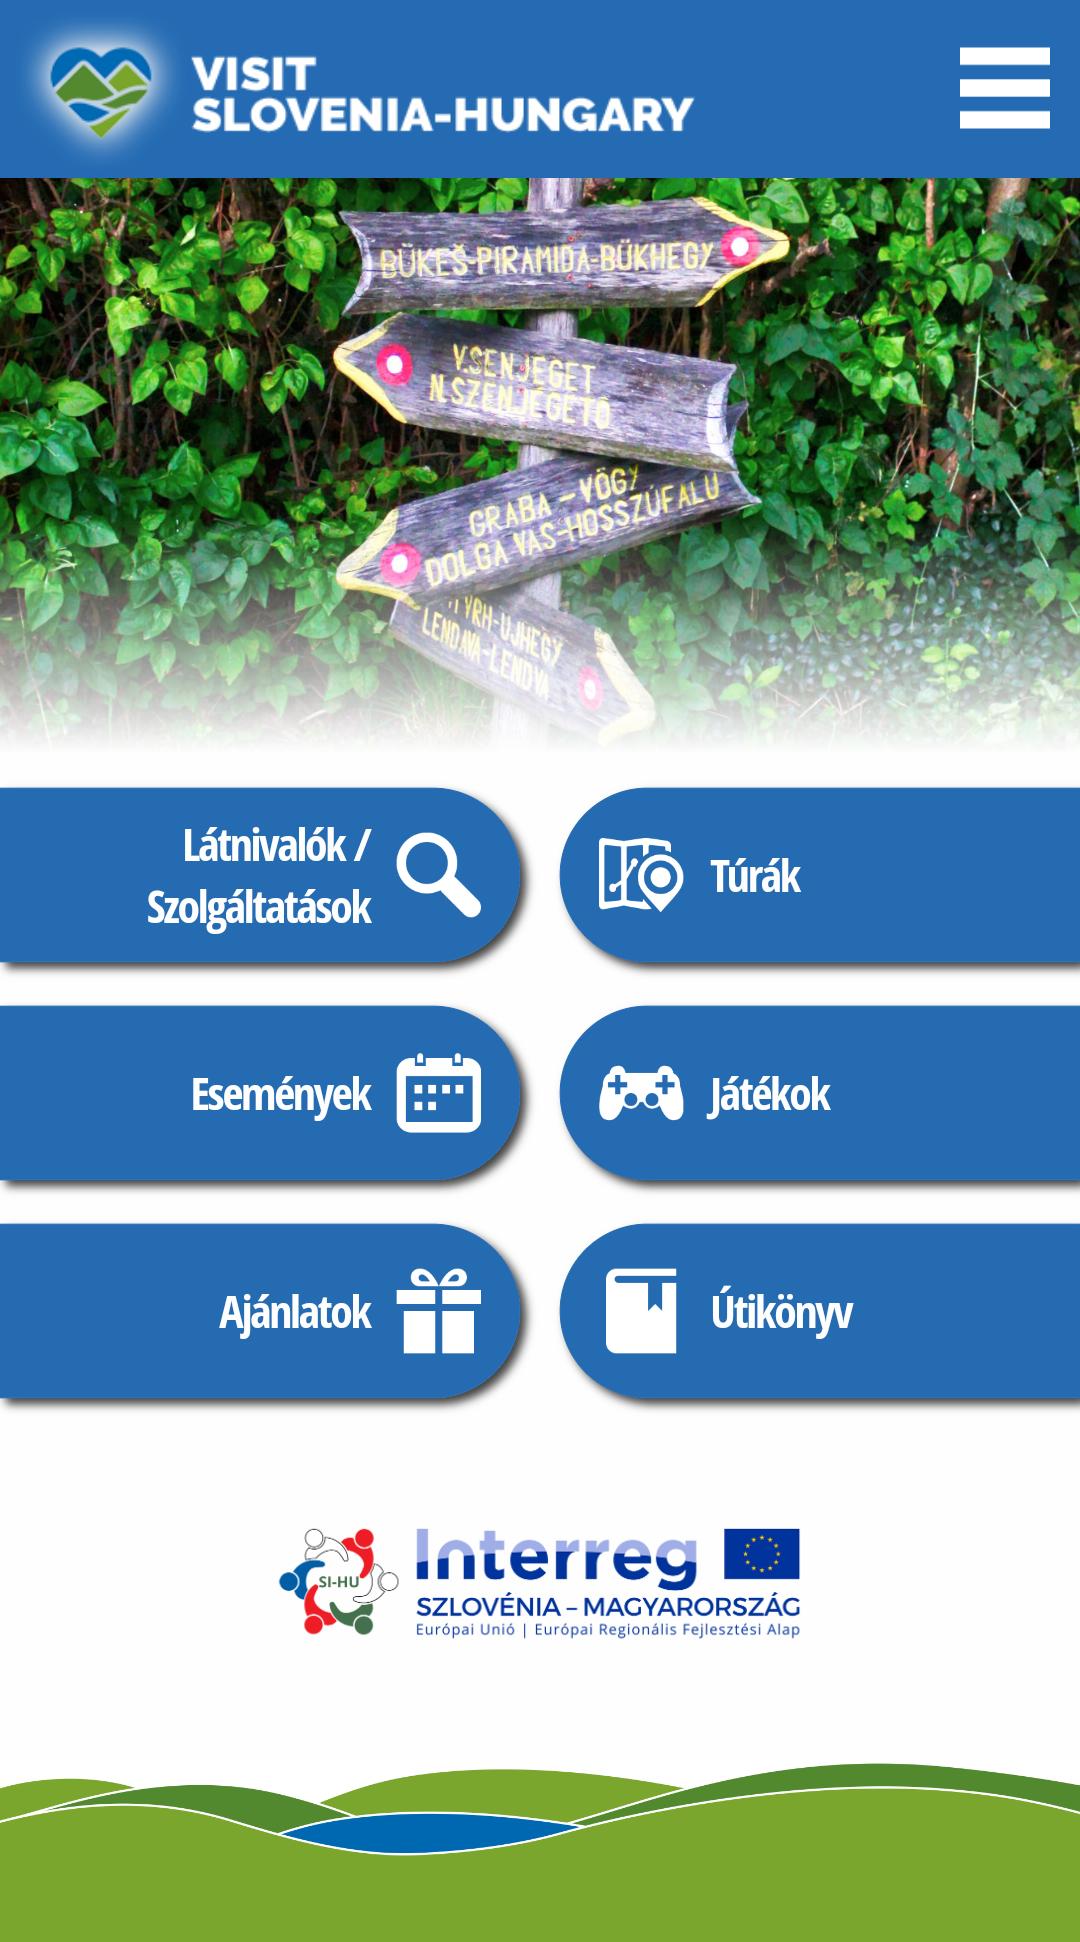 zala_g2v_screenshot-02